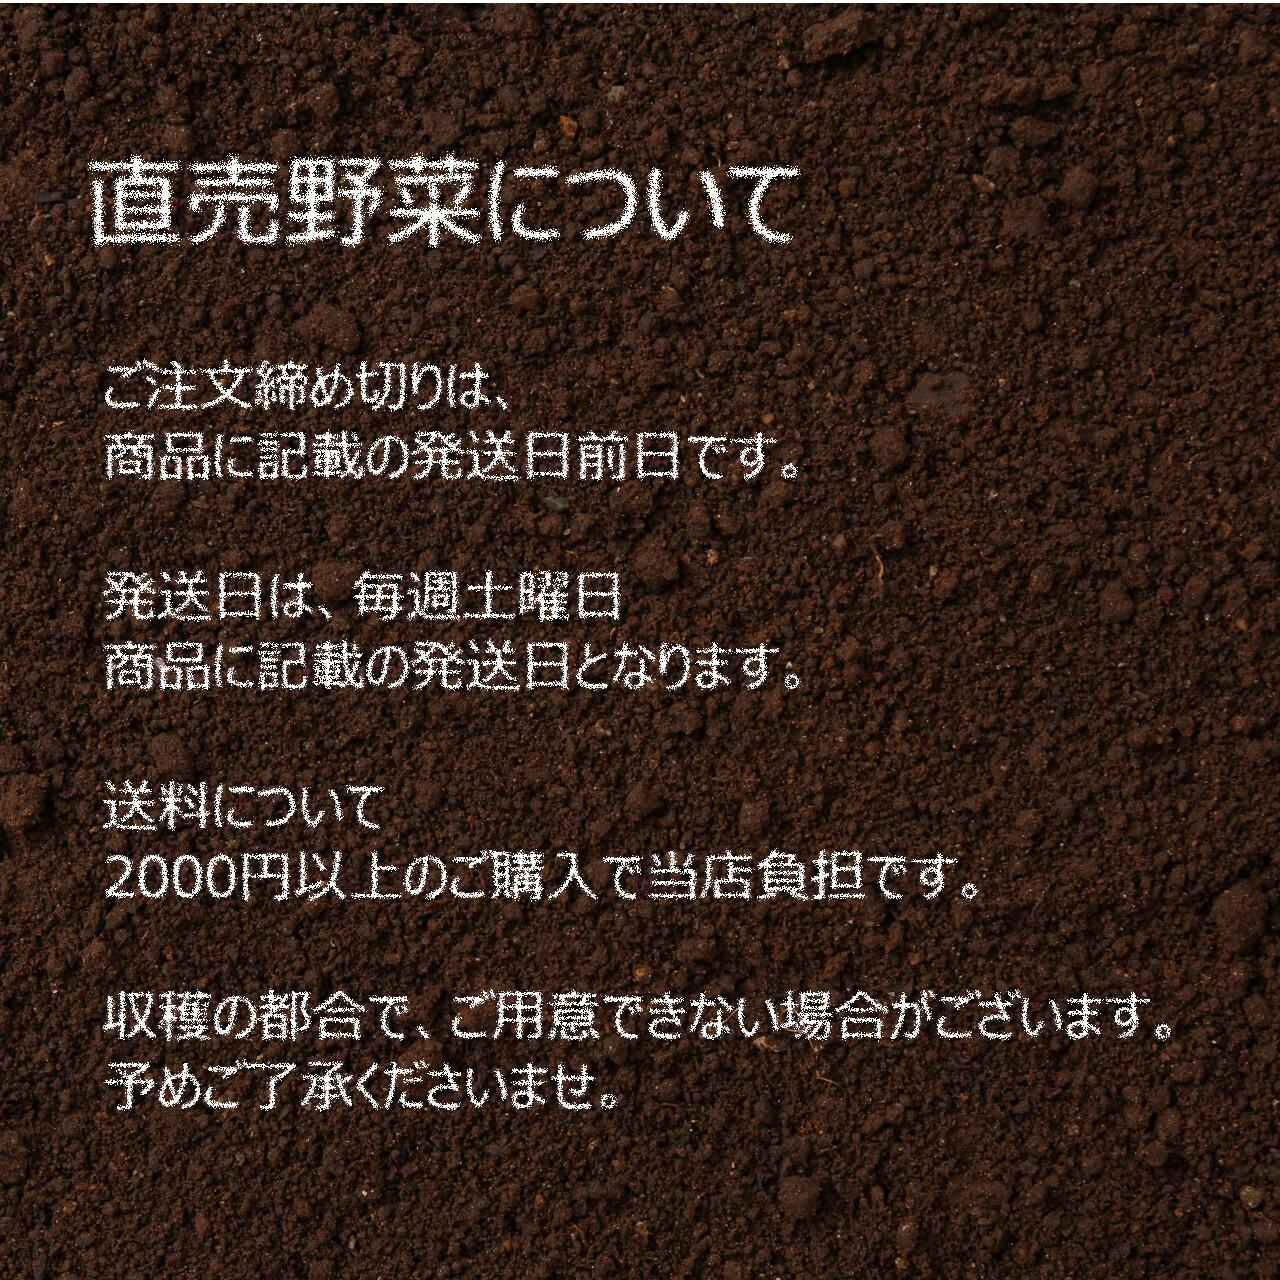 10月の朝採り直売野菜 : さわし柿 2個 新鮮な秋野菜 10月26日発送予定